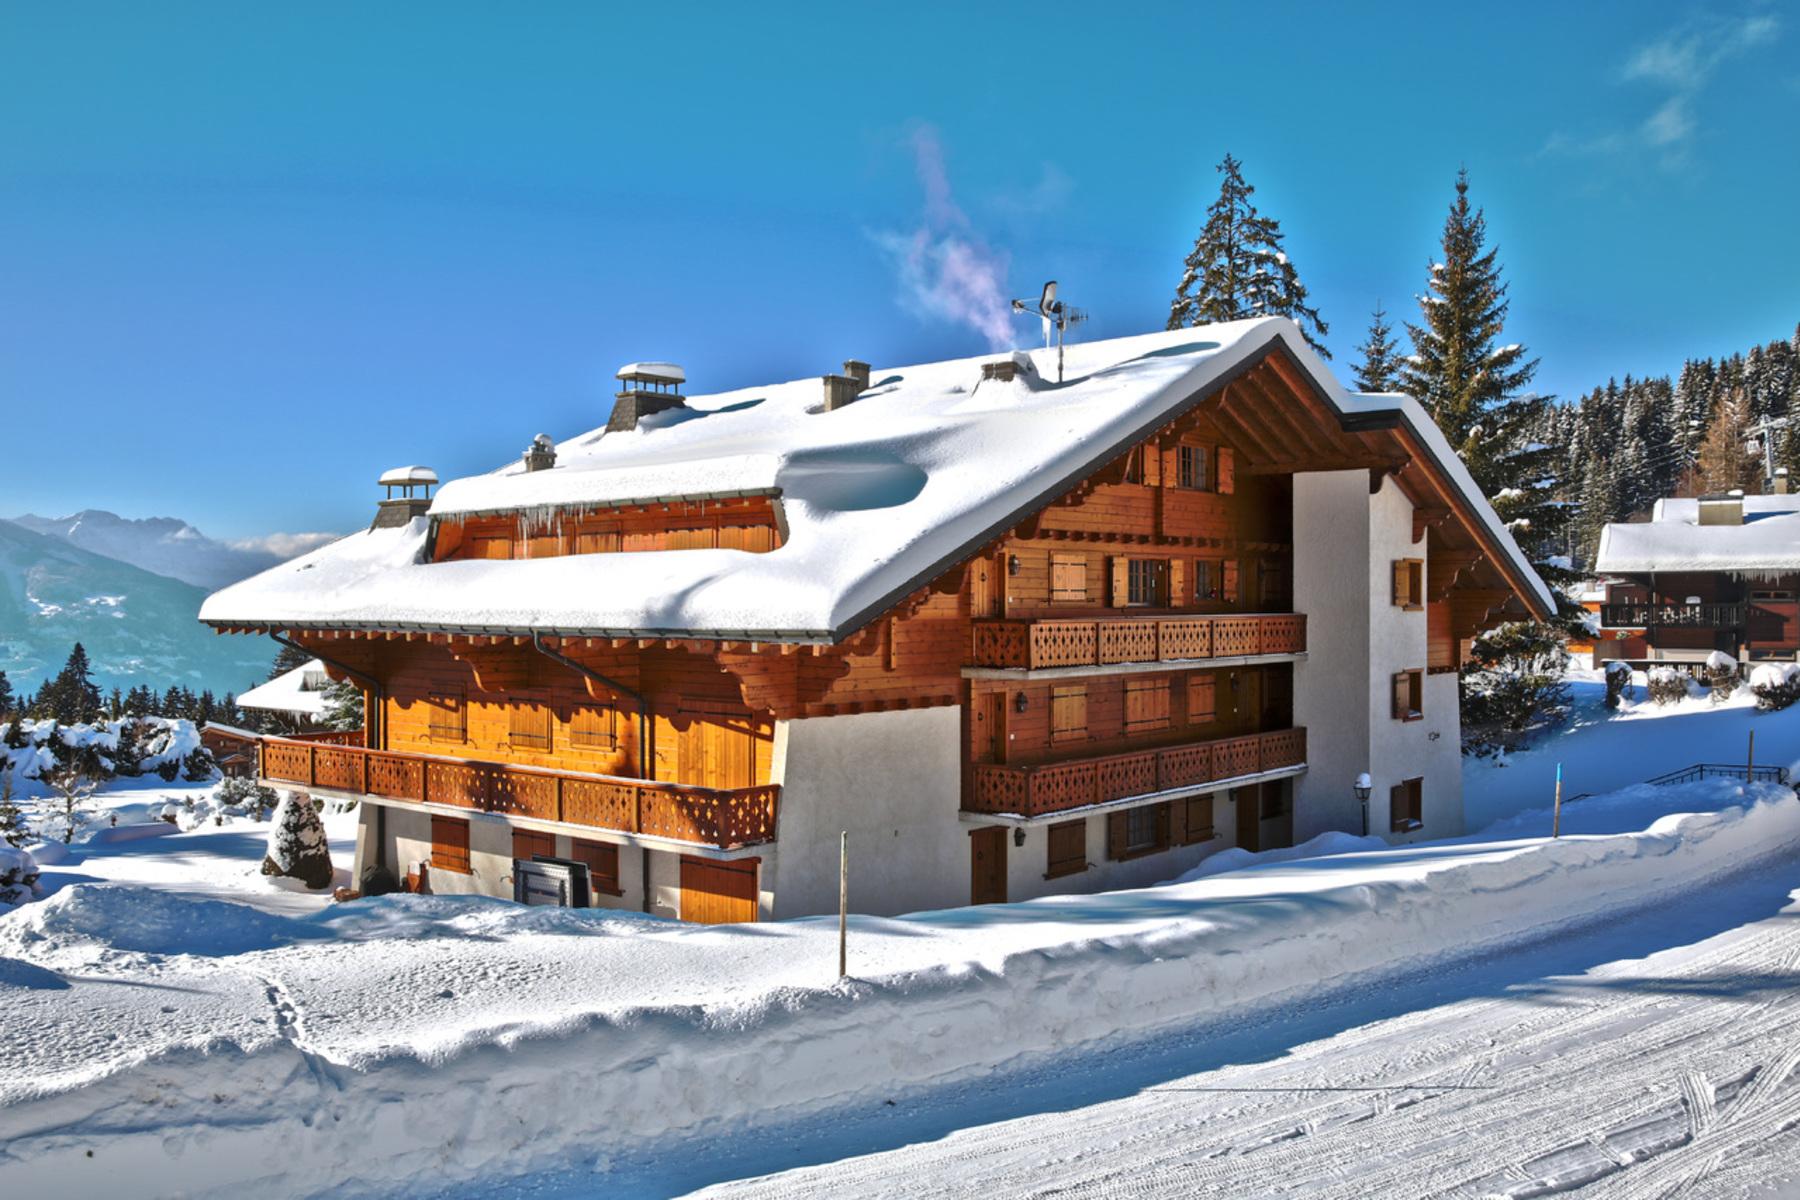 شقة بعمارة للـ Sale في Iris 8 Route de la Résidence Villars-Sur-Ollon, Vaud, 1884 Switzerland